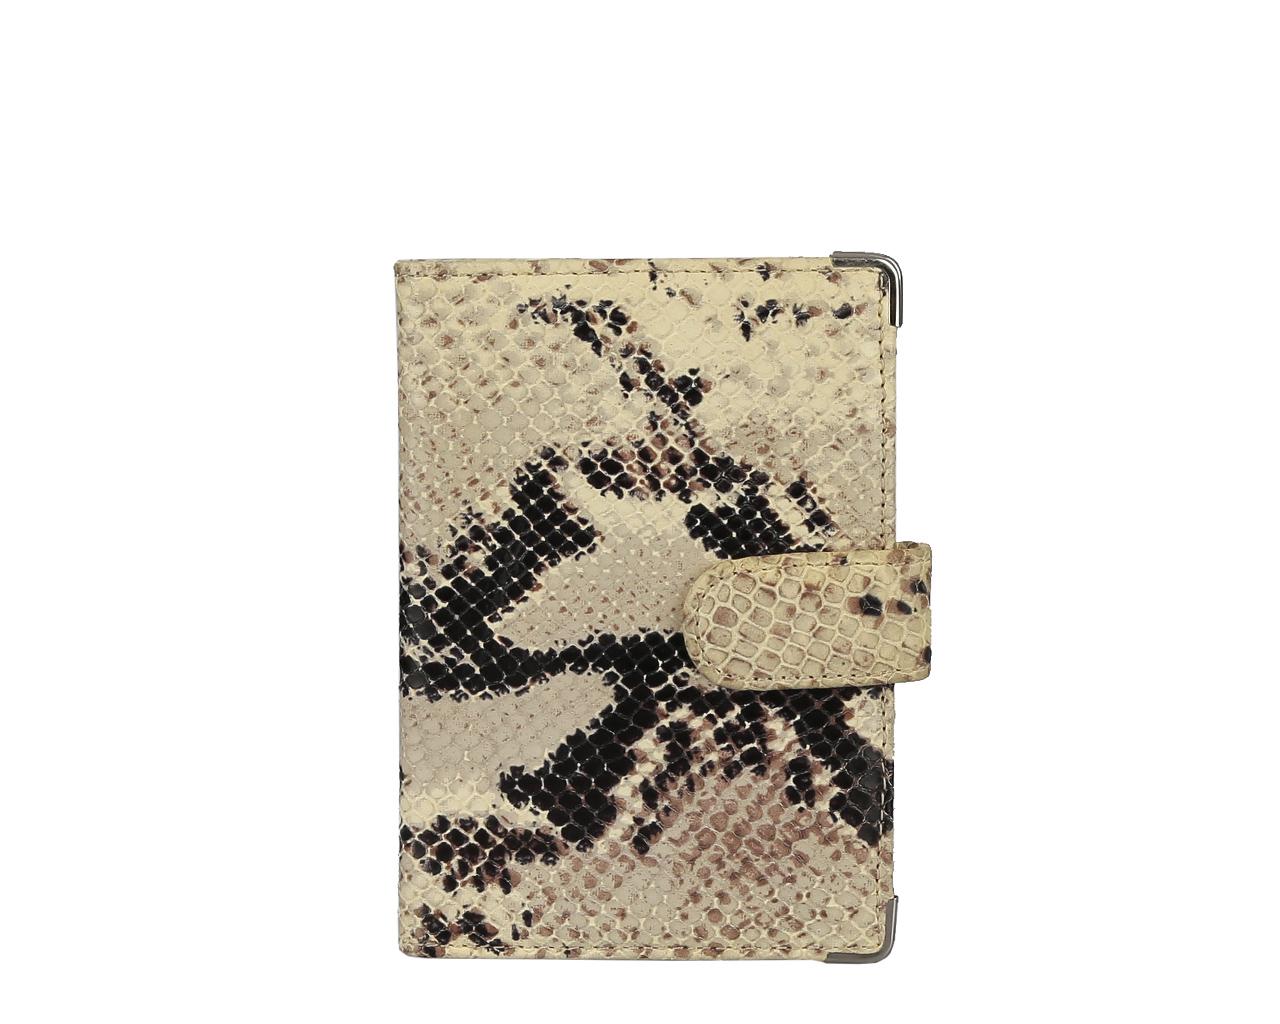 Обложка для документов женская Leo Ventoni, цвет: бежевый, коричневый. L330222-021-022_516Стильная обложка для документов Leo Ventoni выполнена из натуральной кожи с тиснением под питона, дополнена металлической фурнитурой.Изделие раскладывается пополам и закрывается хлястиком на кнопку. Внутри размещены два накладных кармана для паспорта и четыре кармана для кредитных карт.Изделие поставляется в фирменной упаковке.Оригинальная обложка для документов Leo Ventoni станет отличным подарком для человека, ценящего качественные и практичные вещи.